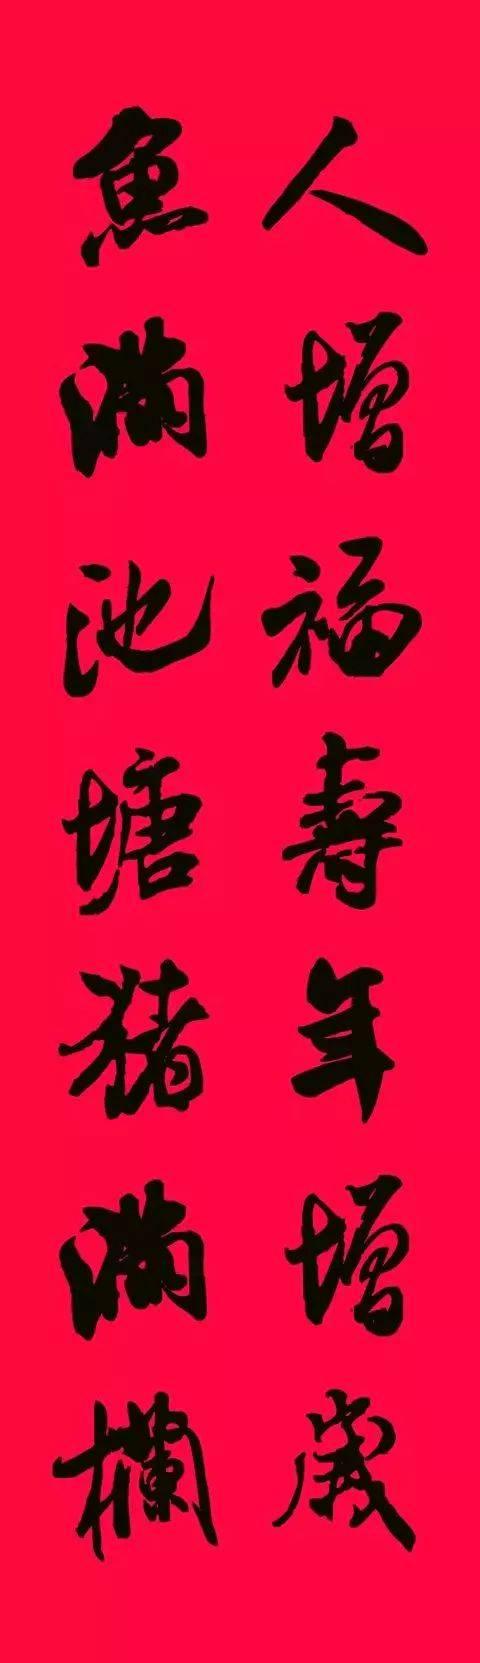 2019猪年春联--米芾行书集字版图片